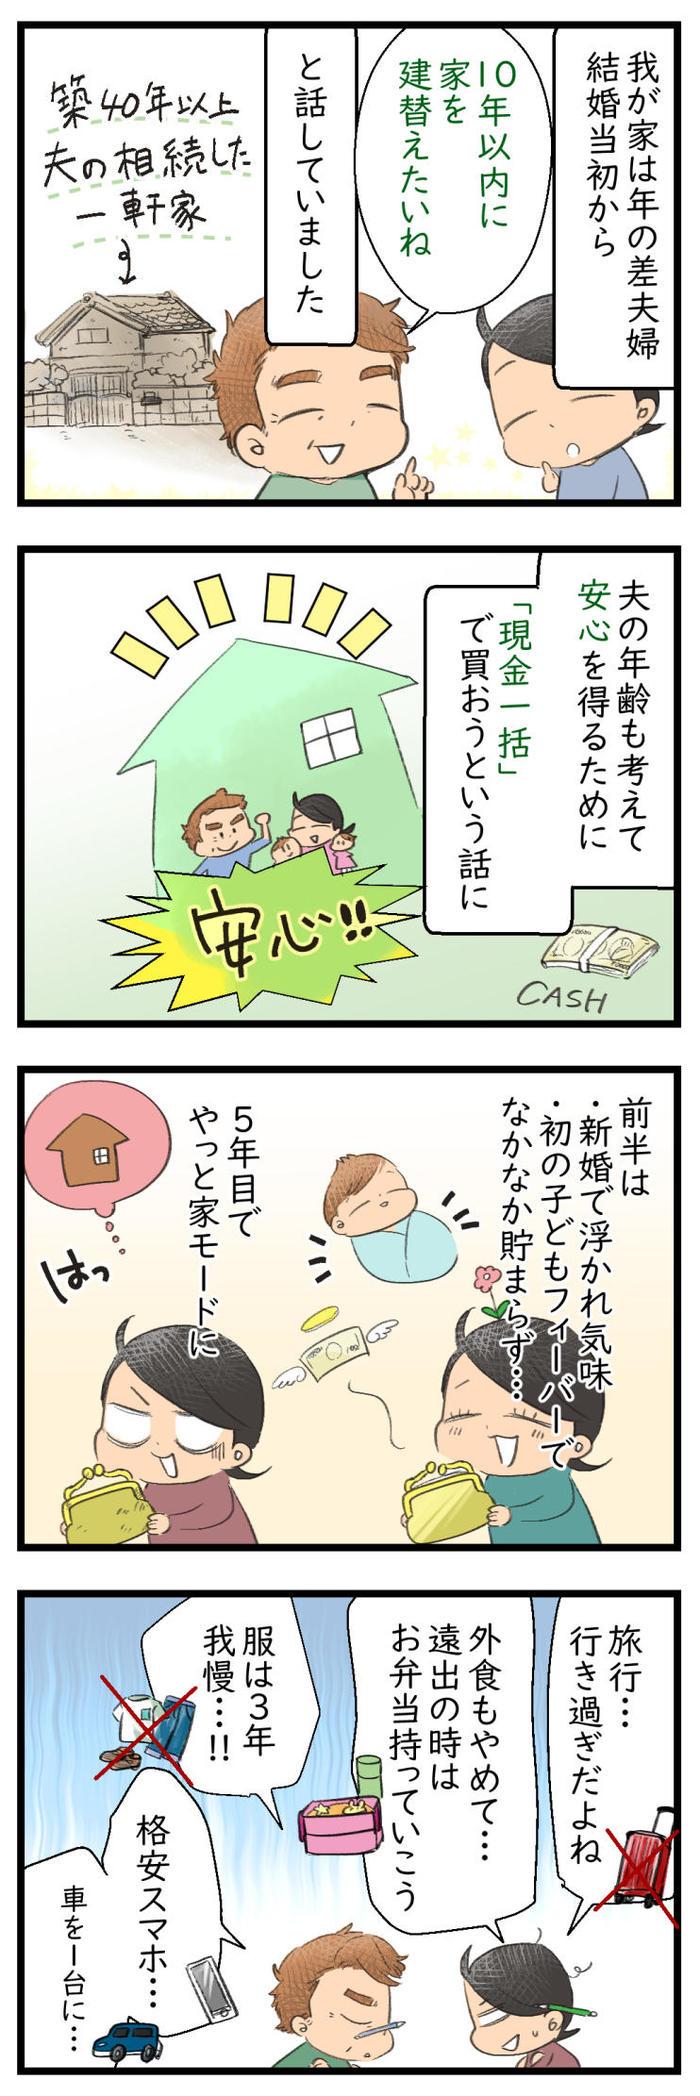 歳の差夫婦の長年の夢。「現金で家を買う」ためにしていることの画像1